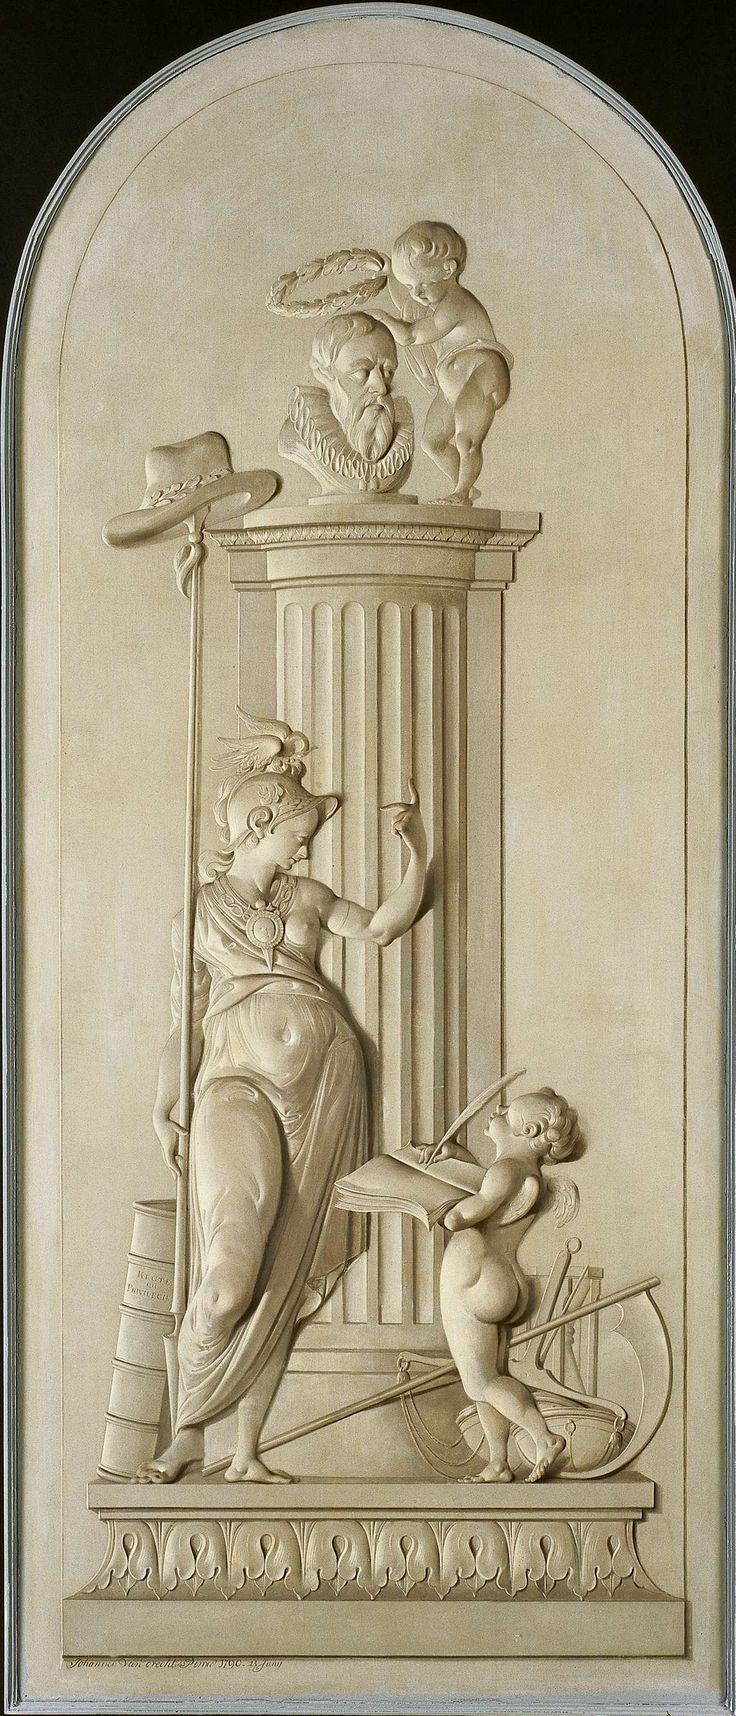 Johannes van Dregt   Allegory of Freedom, Johannes van Dregt, 1790   Symbolische figuur van de Ware Vrijheid. In haar rechterhand houdt zij een met een hoed bekroonde stok. Met haar linkerhand wijst zij naar de portretbuste van Johan van Oldenbarnevelt op de zuil. Rechts naast de buste een putto met een lauwerkrans in zijn rechterhand. Rechts onder aan de zuil een schrijvende putto met boek en veer en enkele attributen. Links een boek.